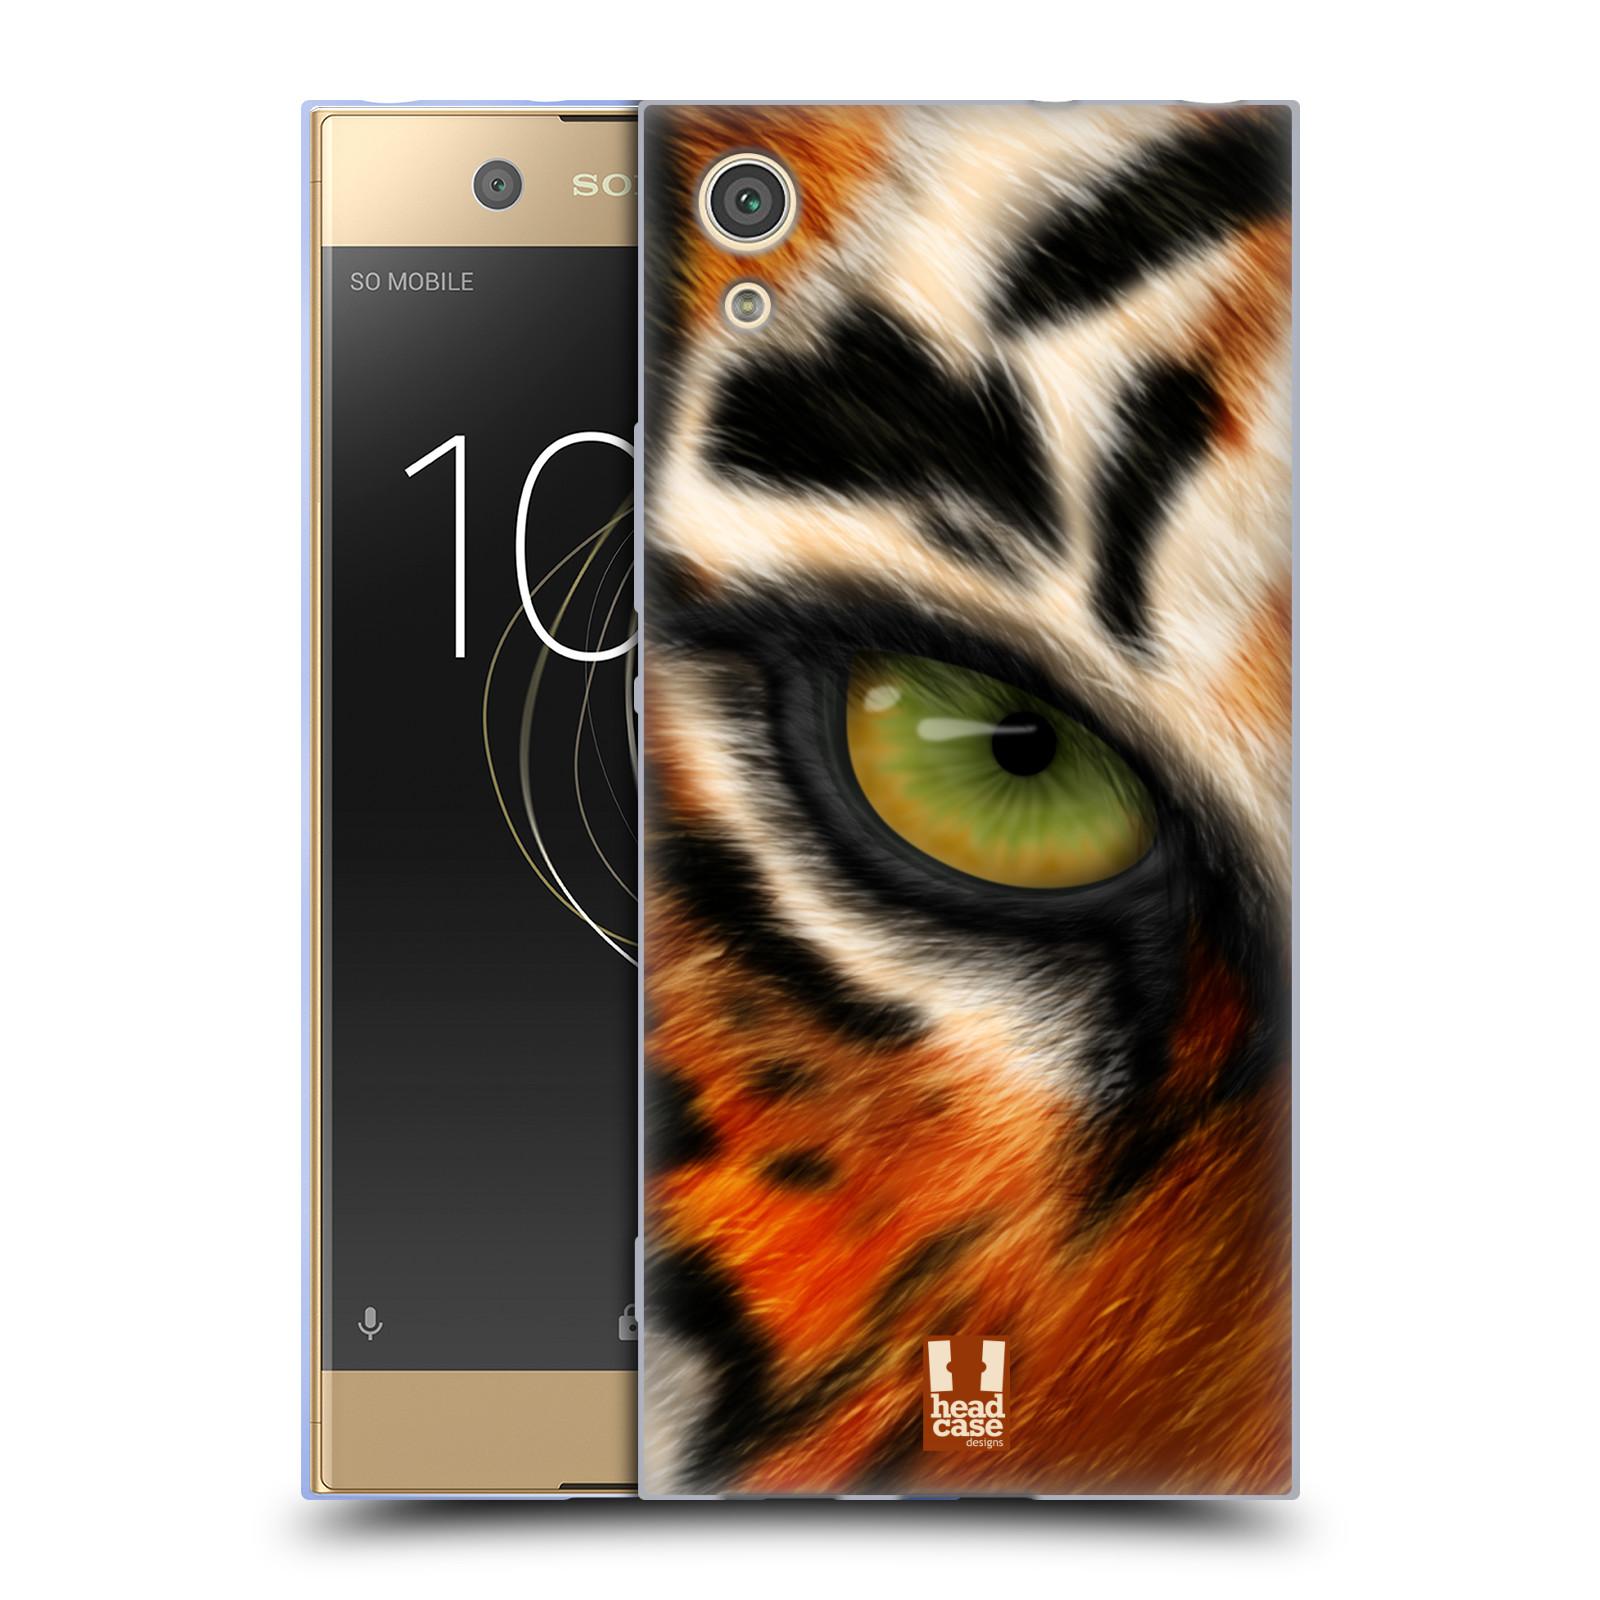 HEAD CASE silikonový obal na mobil Sony Xperia XA1 / XA1 DUAL SIM vzor pohled zvířete oko tygr